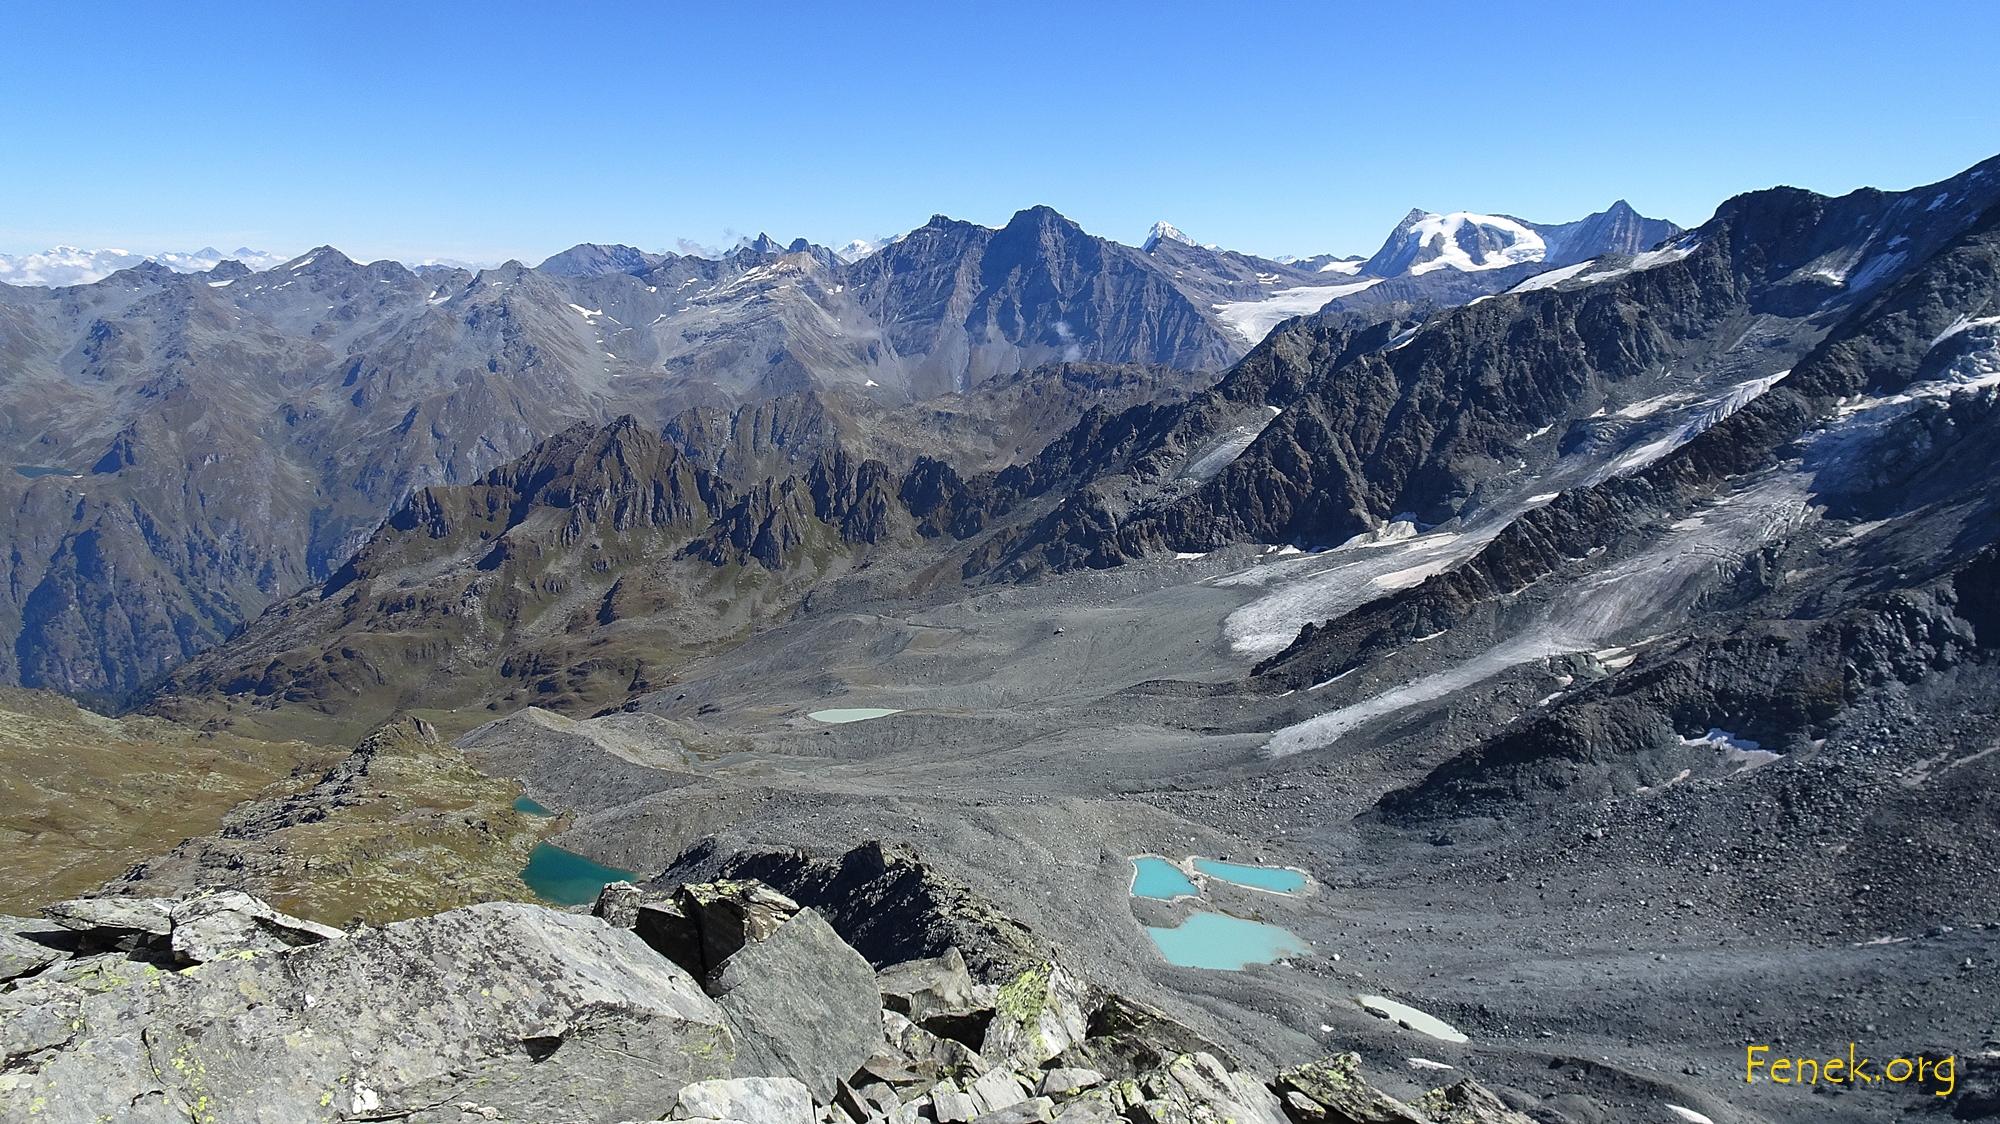 Gipfelaussicht - unten die bewanderte Moräne